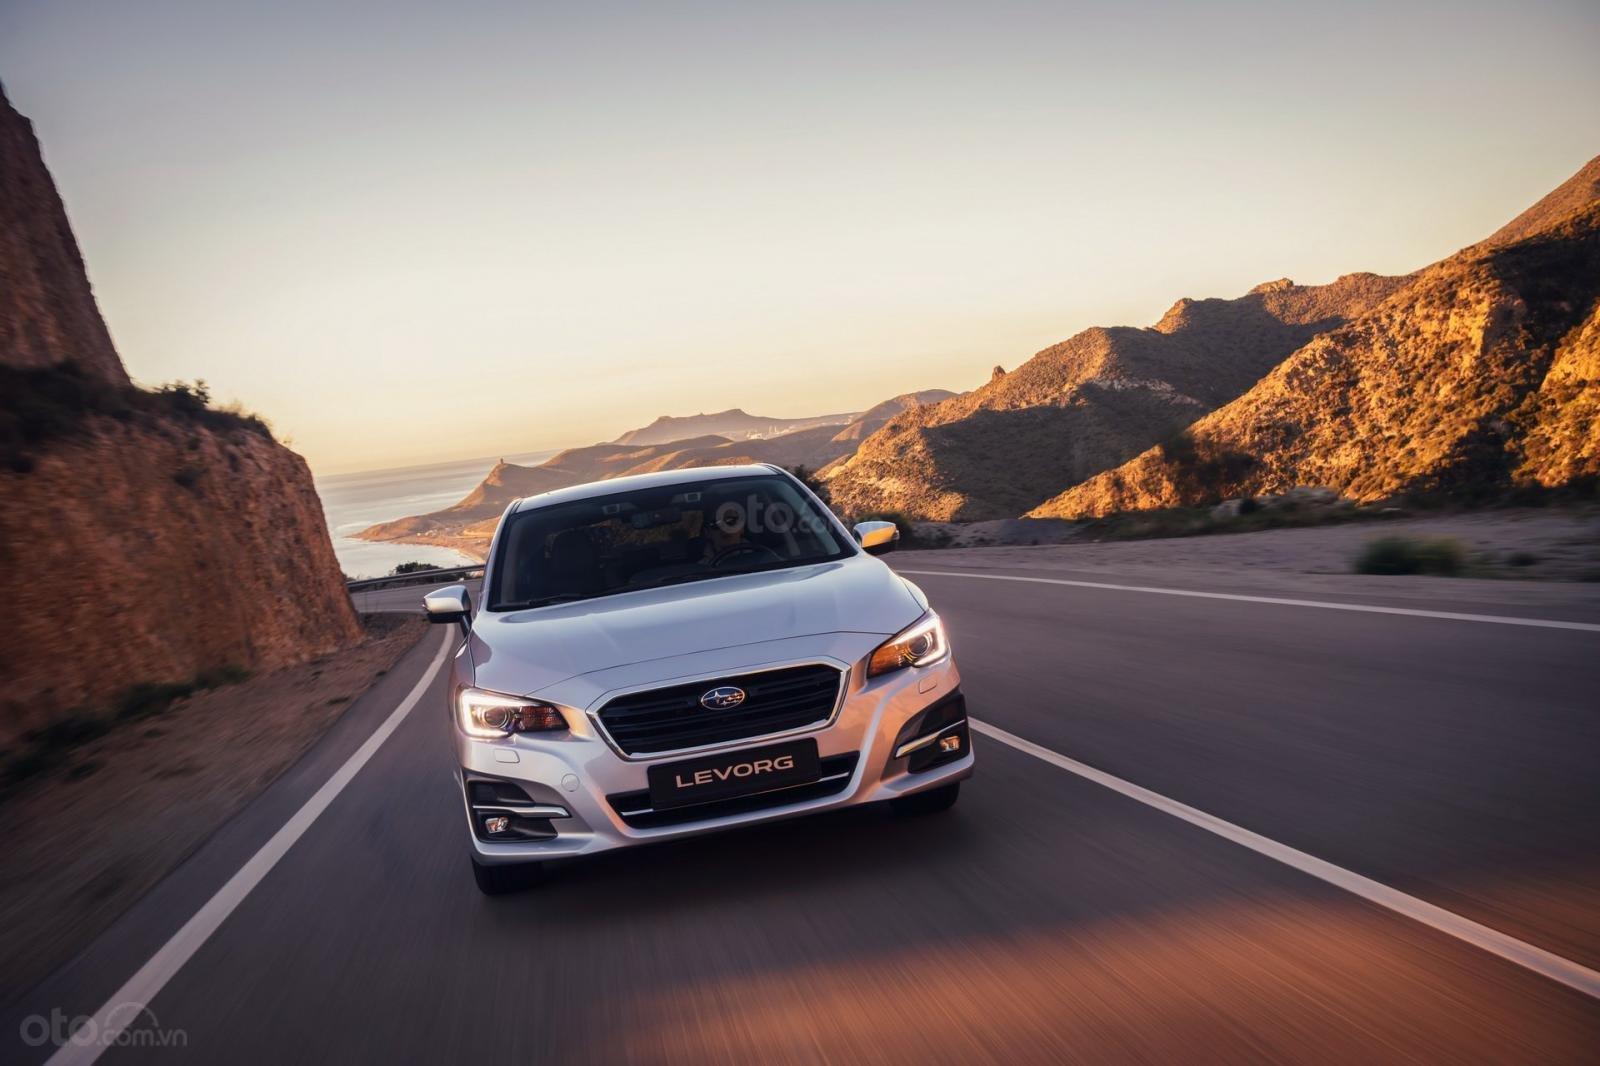 Subaru Levorg 2019 mới với gương mặt bắt mắt